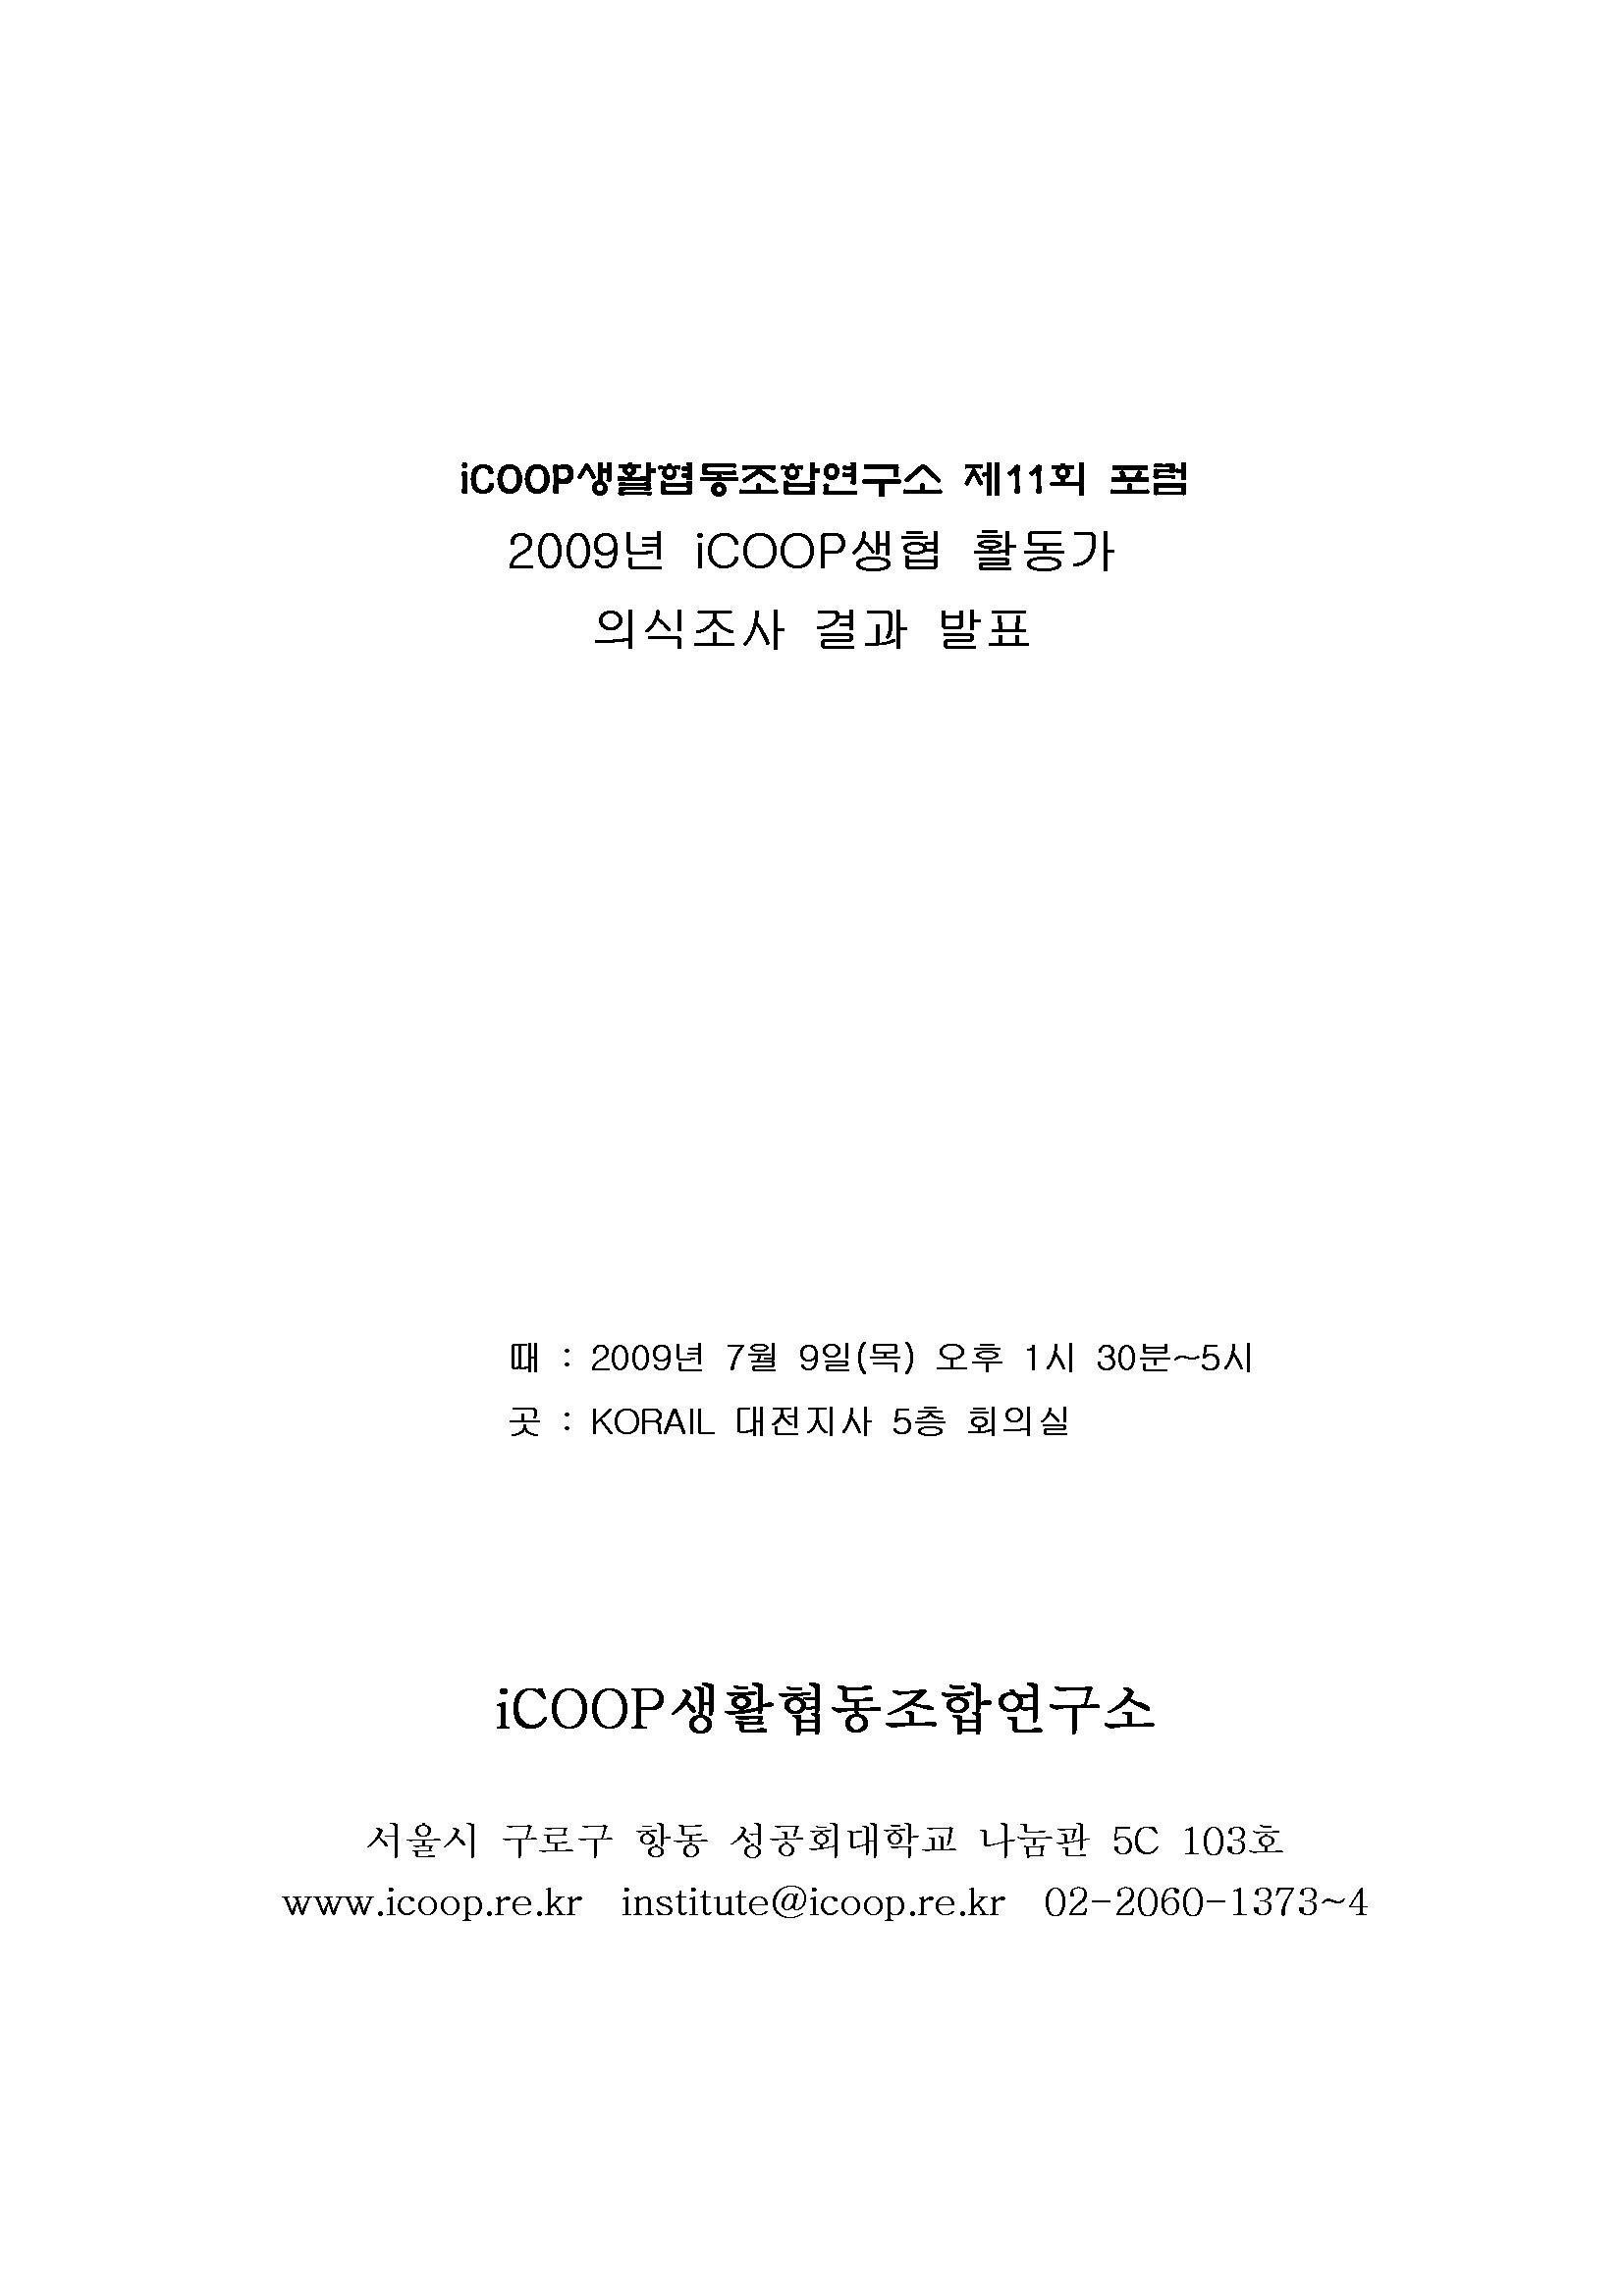 29_(제11회 포럼 자료집) 『2009년 iCOOP생협 활동가 의식조사 결과 발표』_Page_001.jpg